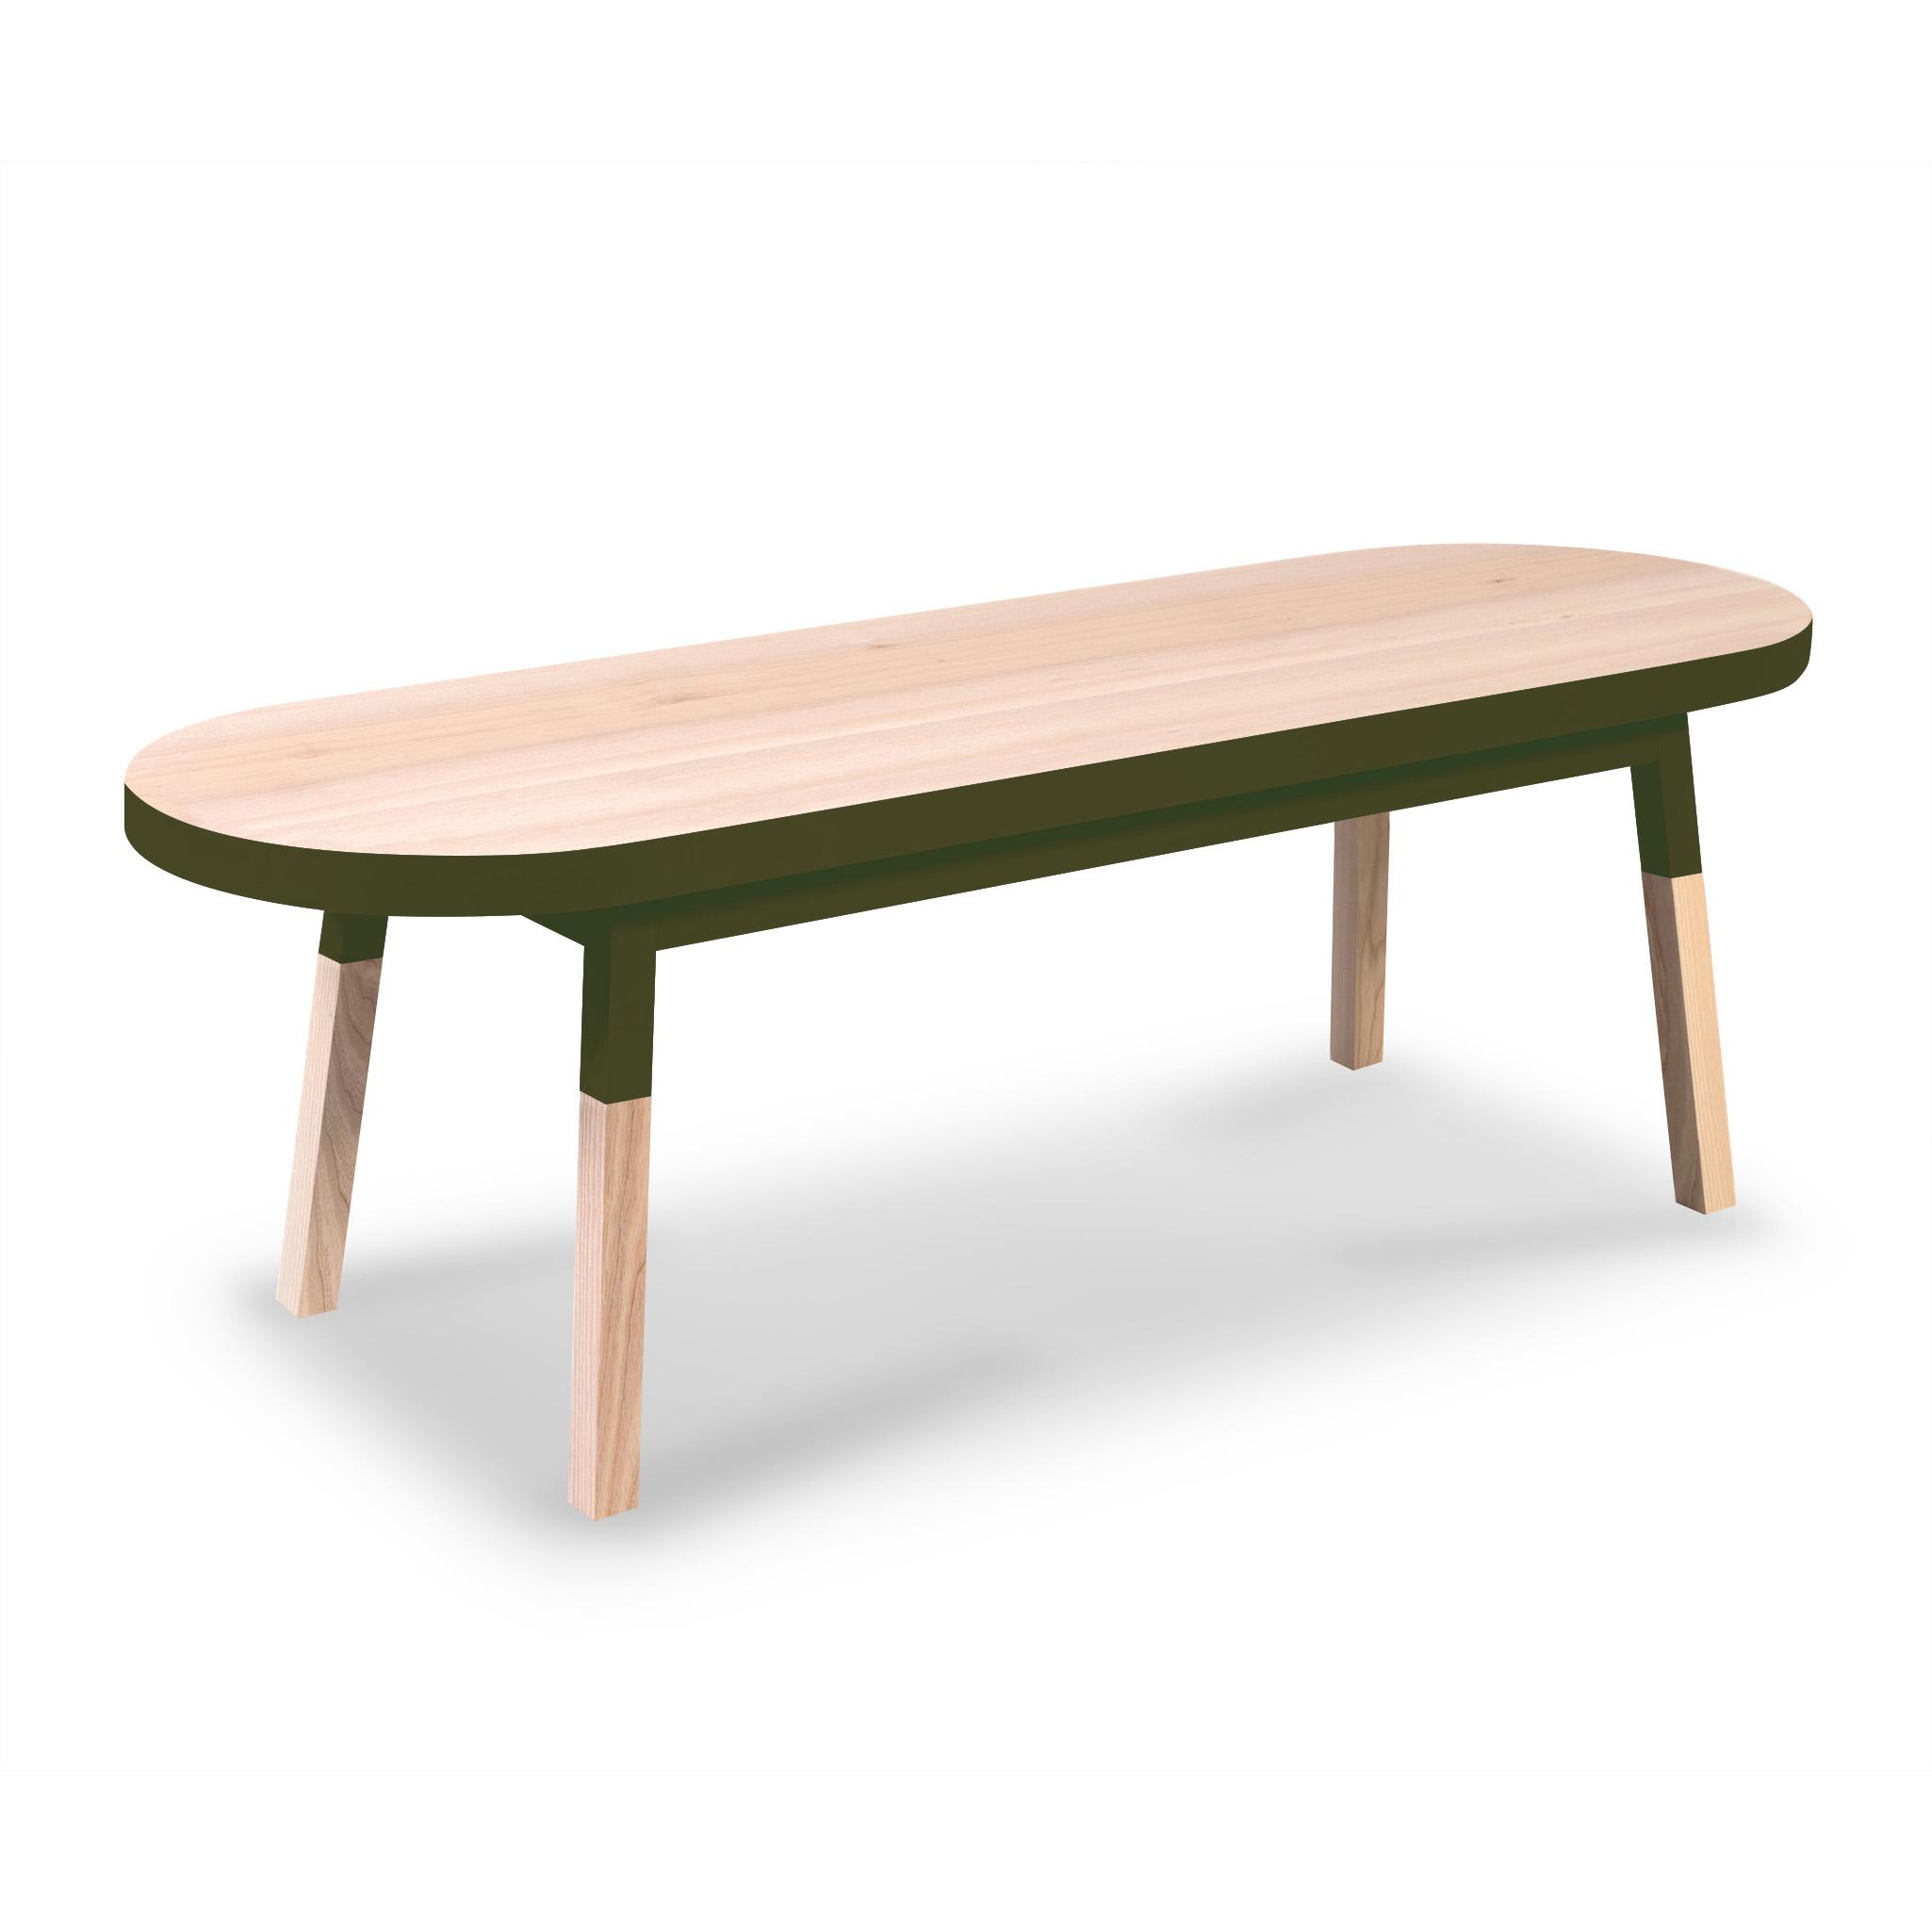 maison du monde Table basse banc - 140 cm  - vert lancieux